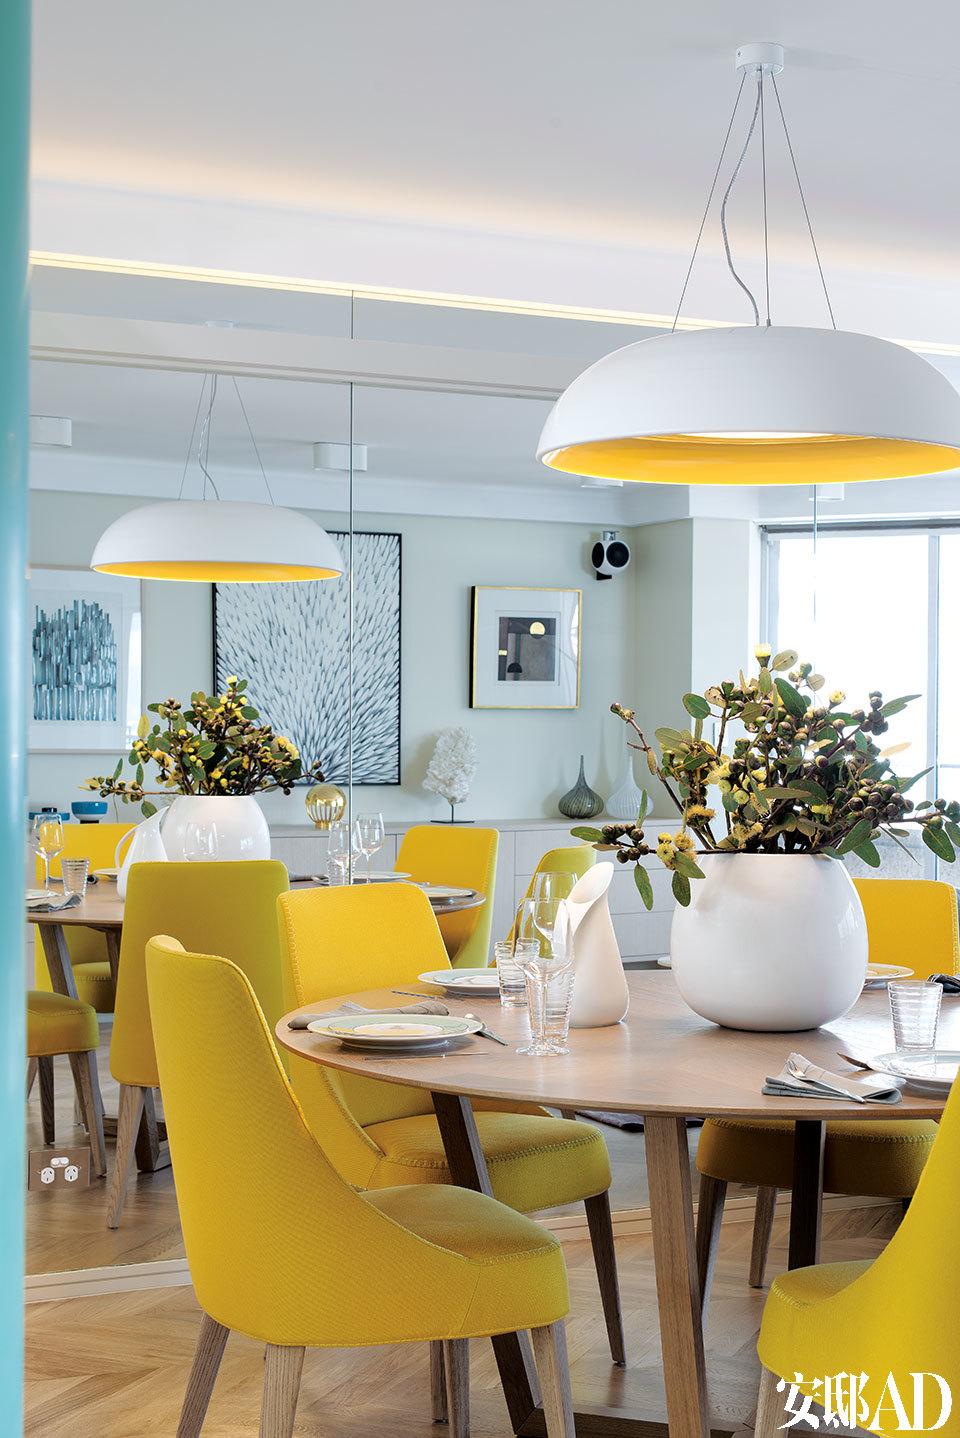 餐桌旁沙发背后是一整面镜面墙,对面的电视柜及窗外的海景全映在里面。餐厅使用了Hub Furniture圆形定制橡木桌,黄色的Maxalto座椅来自Antonio Citterio品牌,粗木腿设计显示出明快风格。镜子中倒映出对面墙角白色的流线型书柜,柜子上方悬挂着主人收藏的艺术作品。